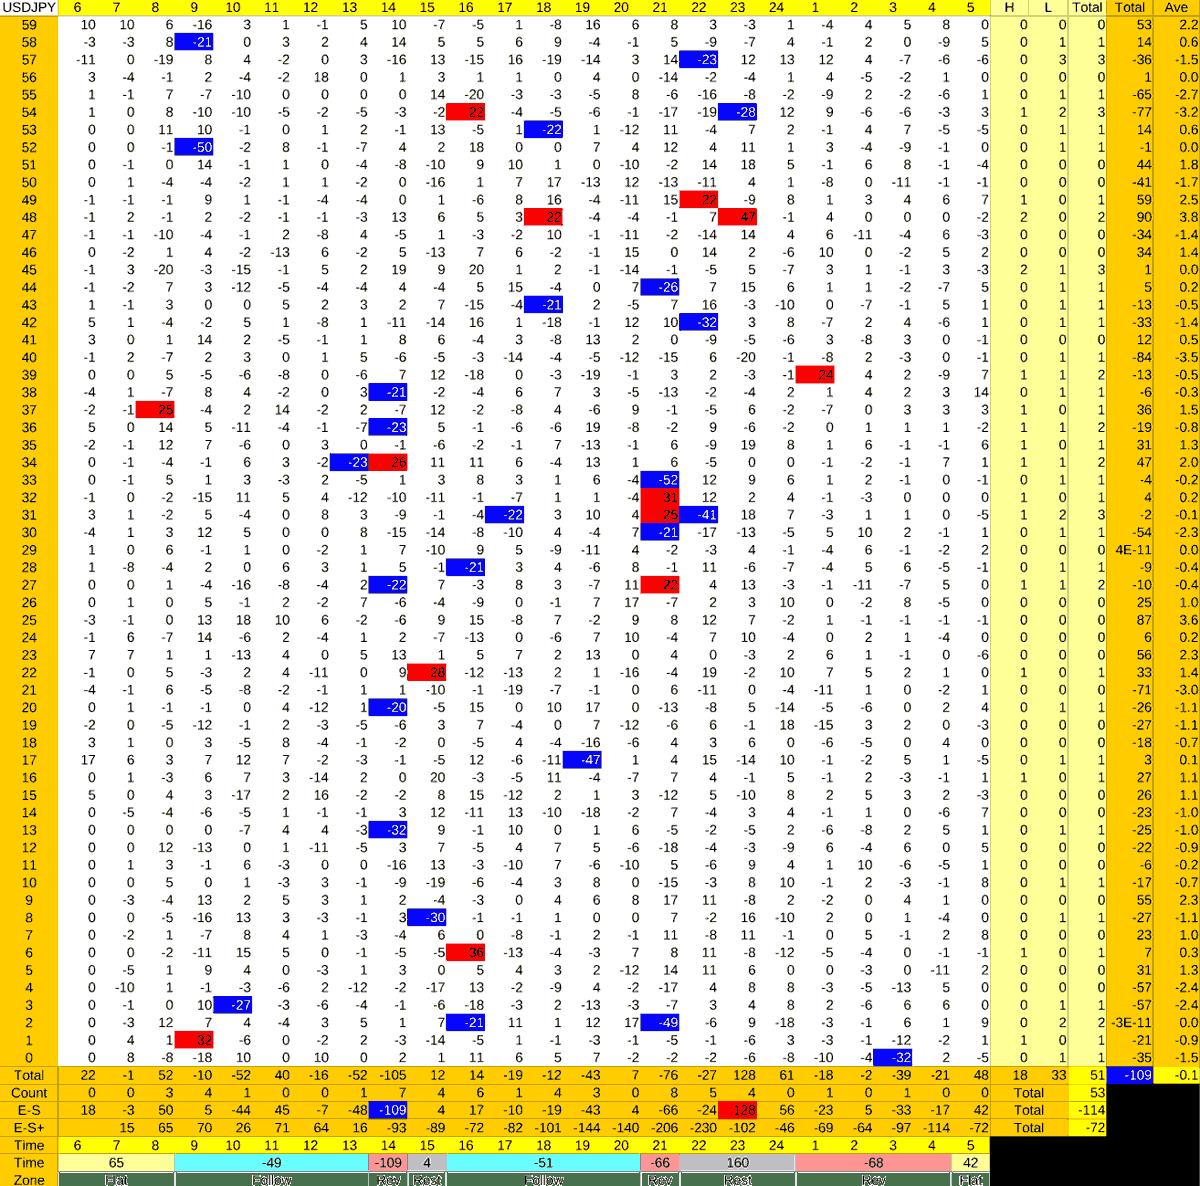 20210624_HS(1)USDJPY